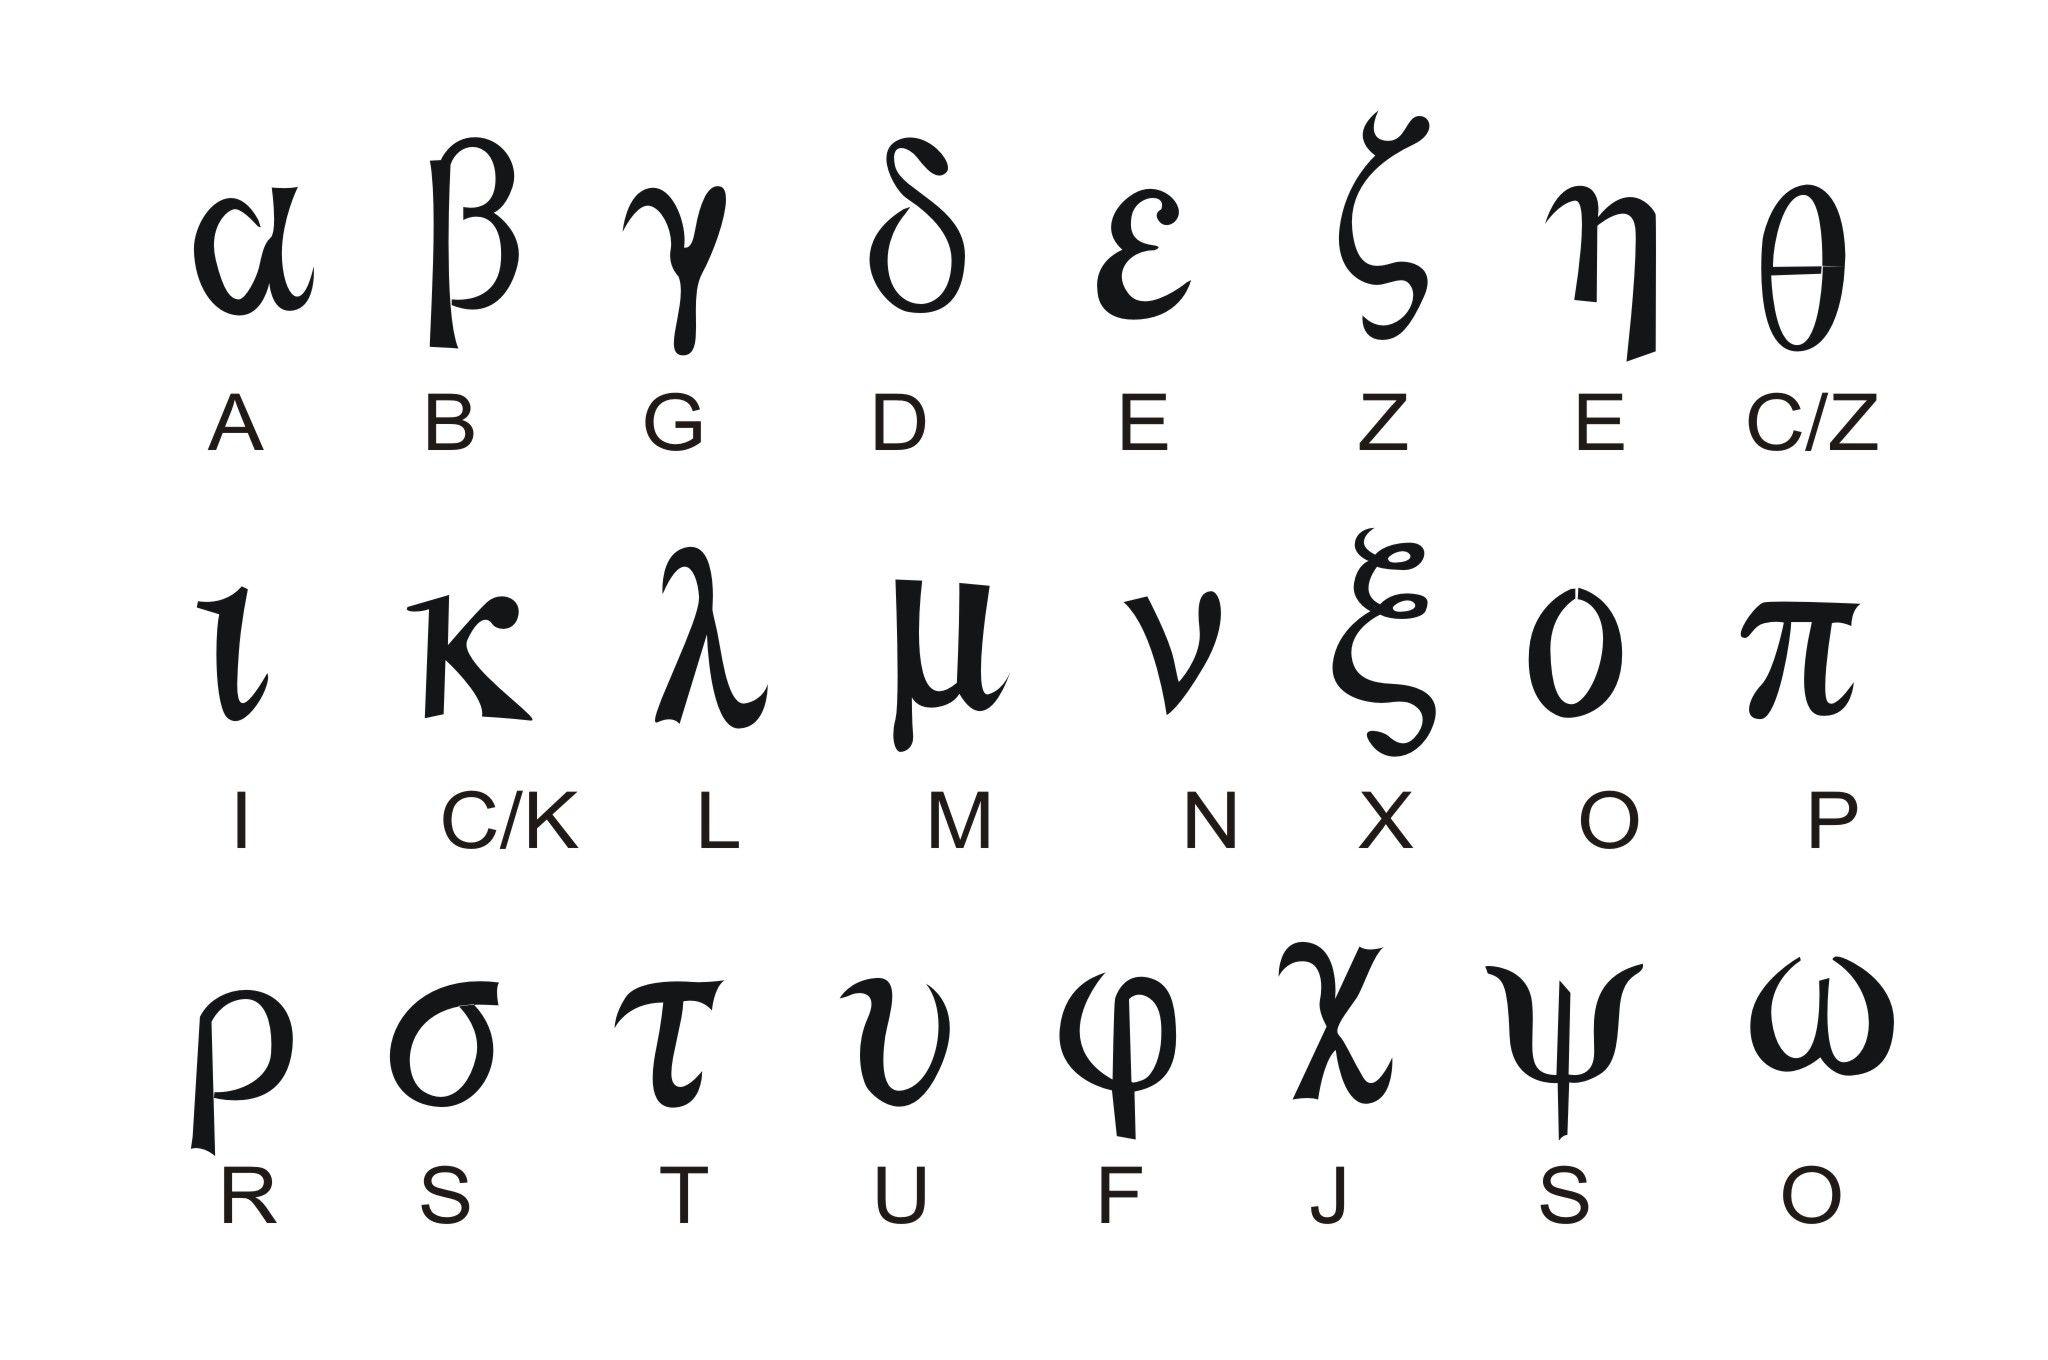 El Alfabeto Griego Letras Minusculas Alfabeto Griego Letras